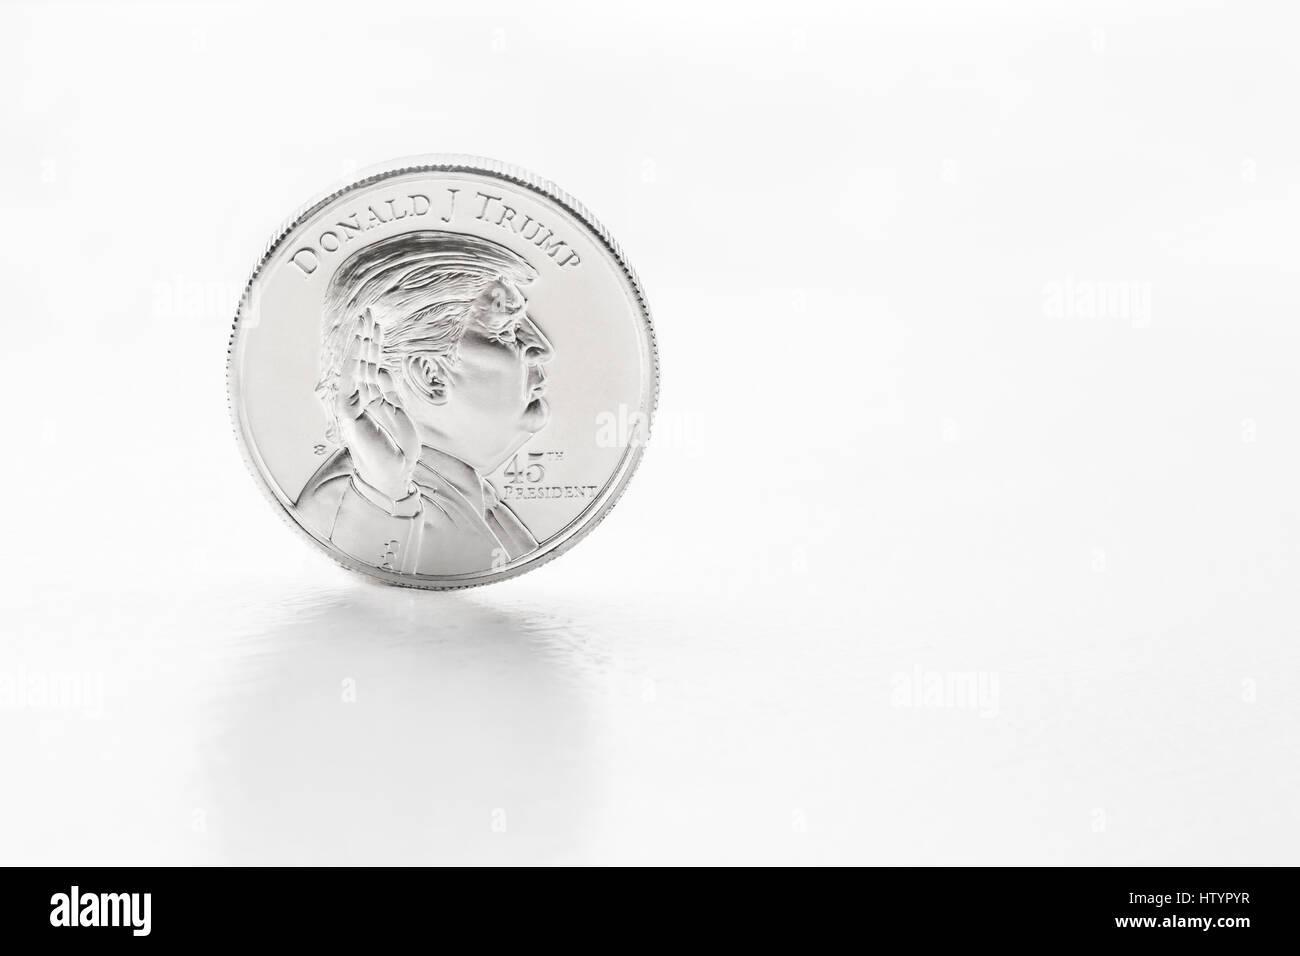 Hohen Schlüsselfoto mit viel Copy-editing Raum von Donald Trump auf Silbermünze. Stockbild